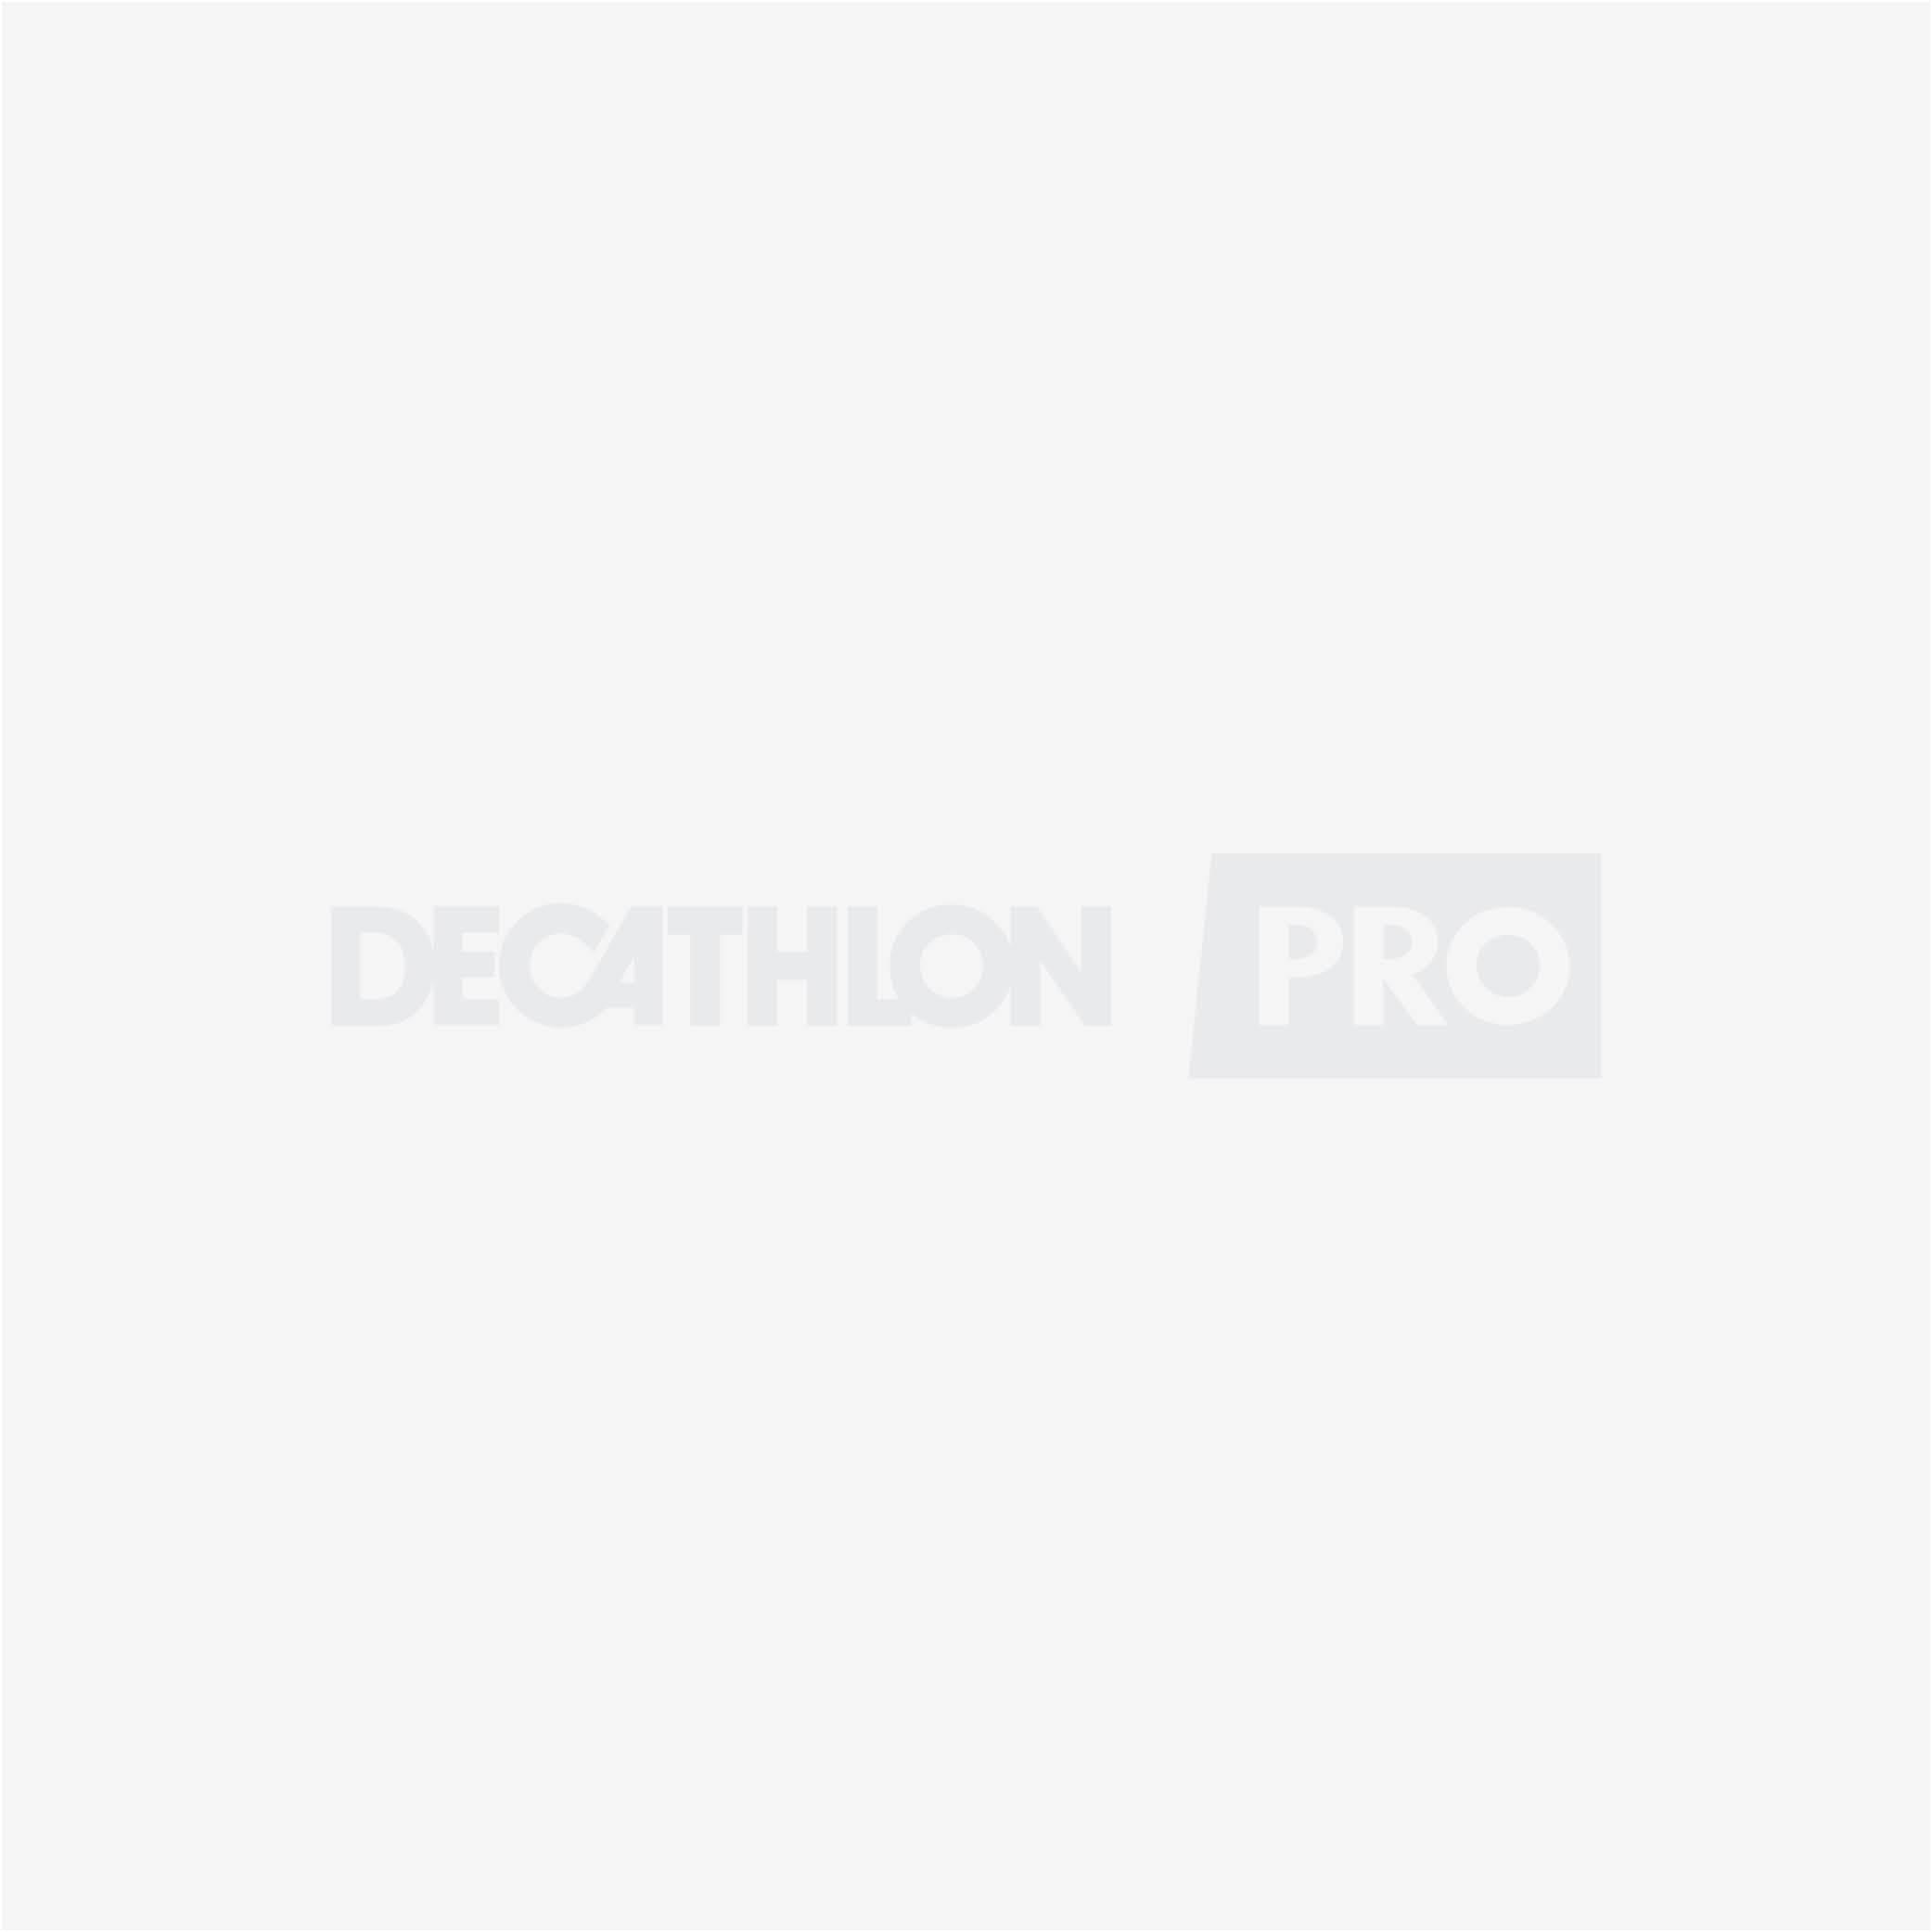 sportmag club decathlon pro